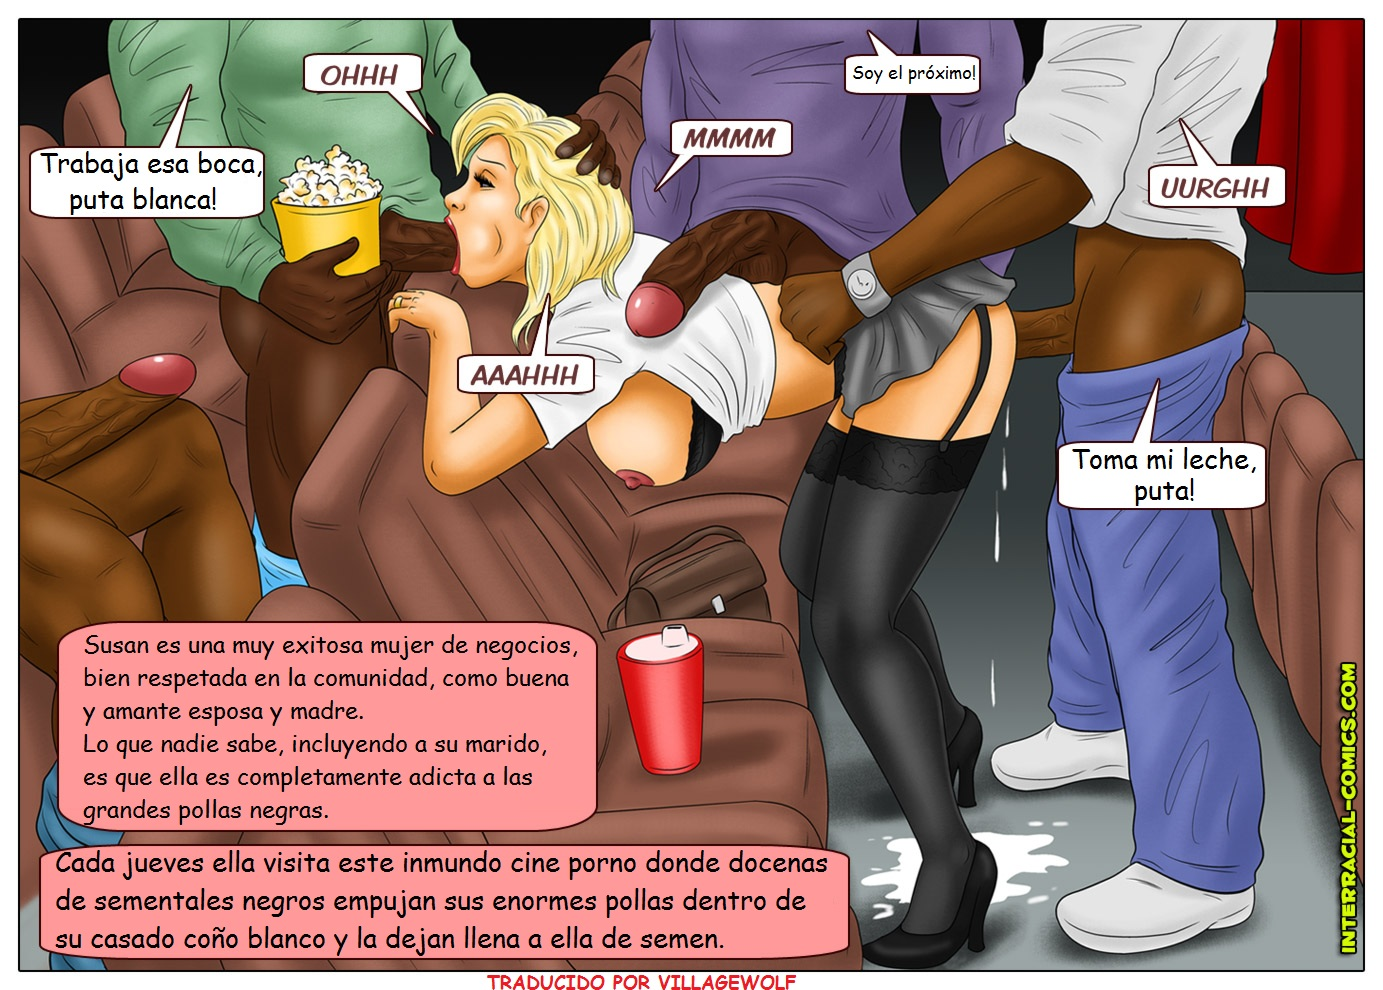 Negros Viejas Porno esposas infieles con negros - comic porno - ver comic porno